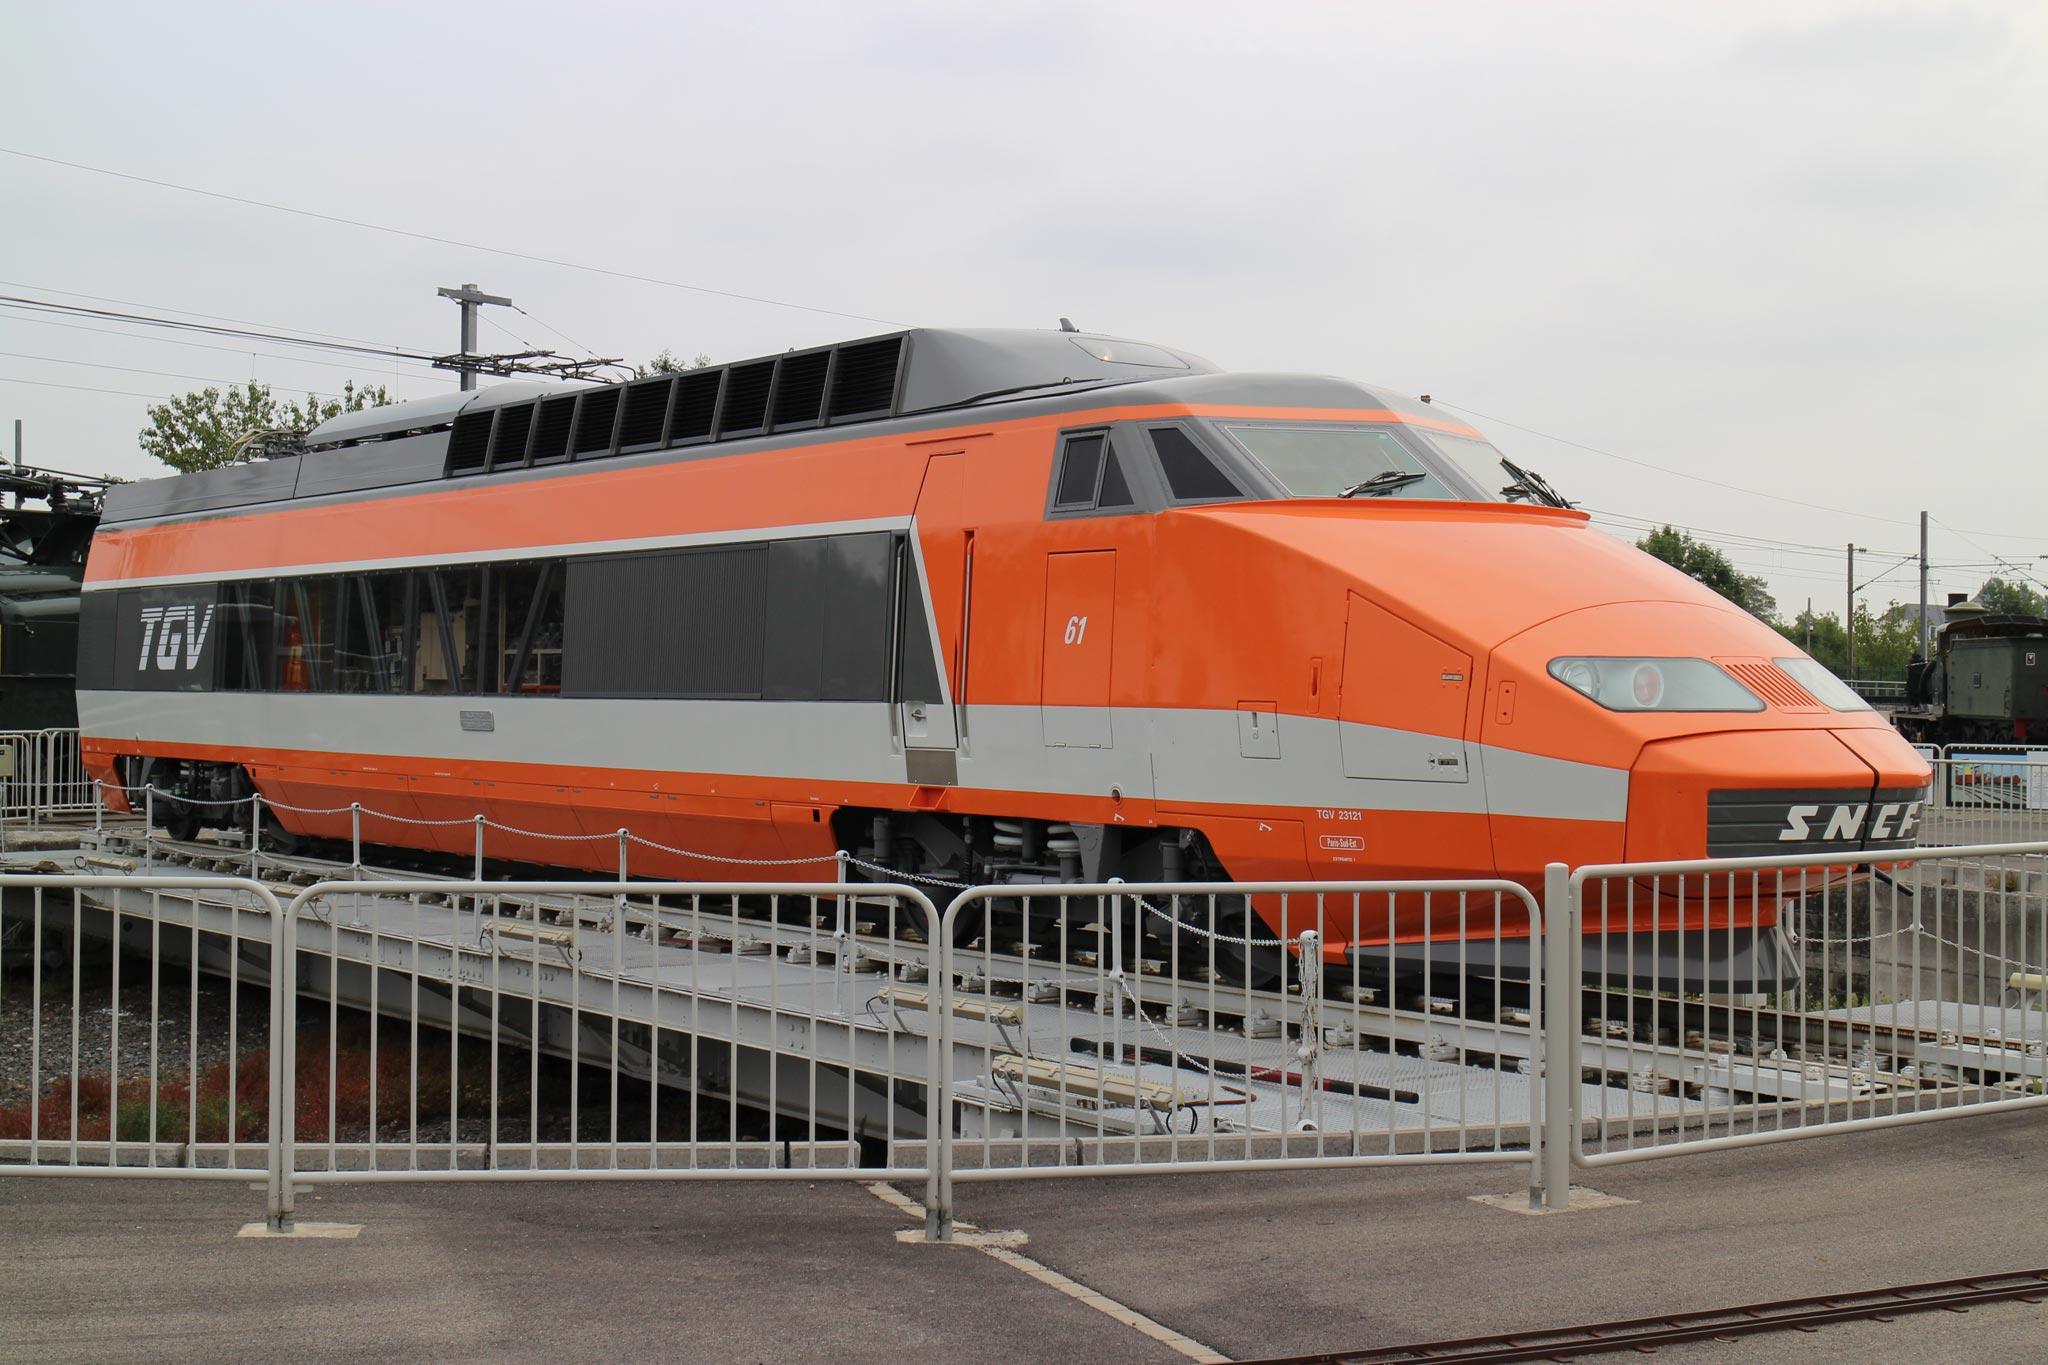 Drawn railroad tgv train 61 TGV Très SA BY